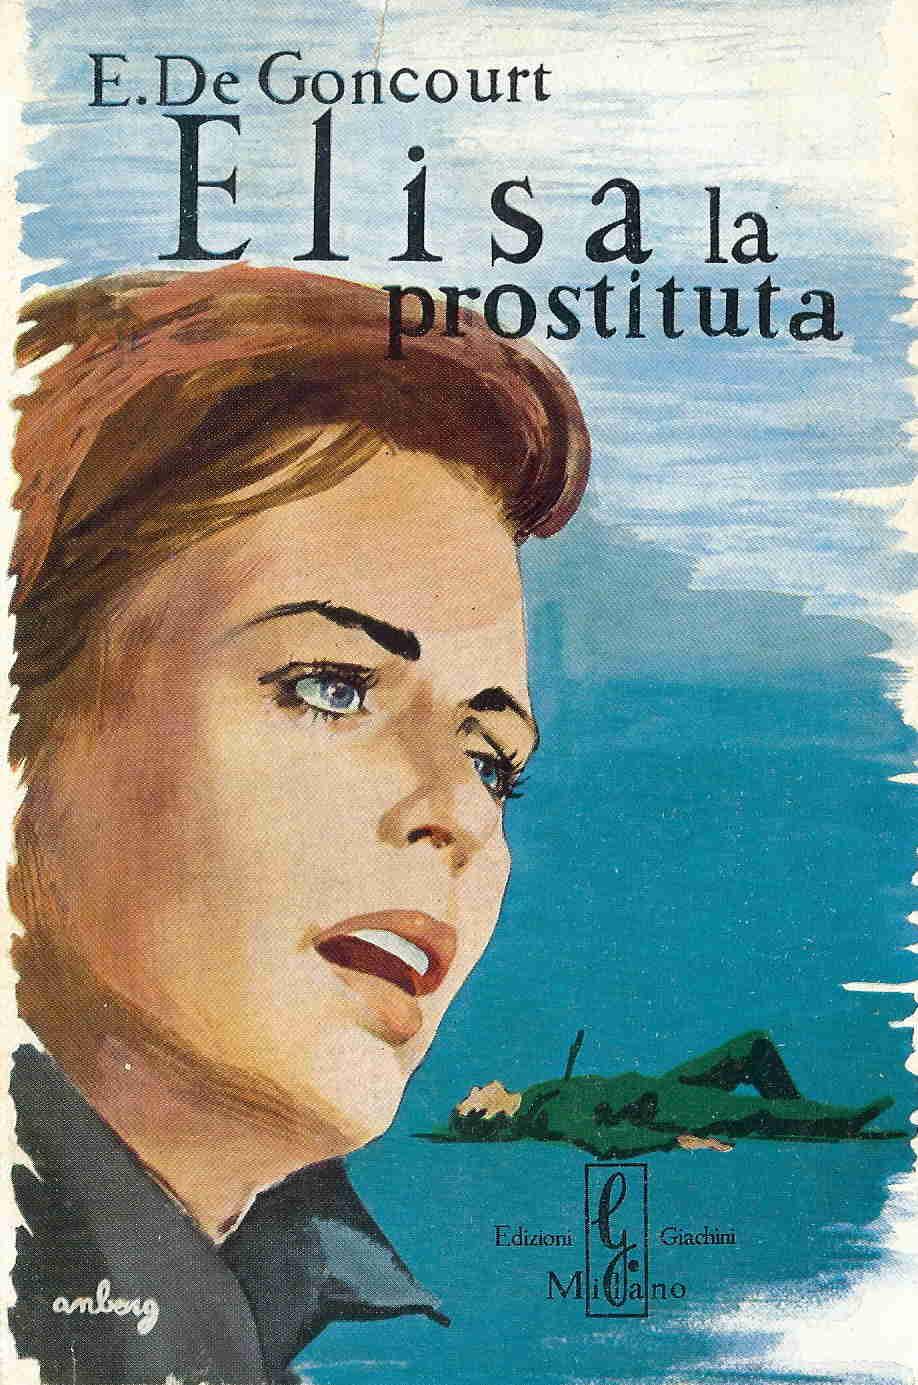 Elisa la prostituta